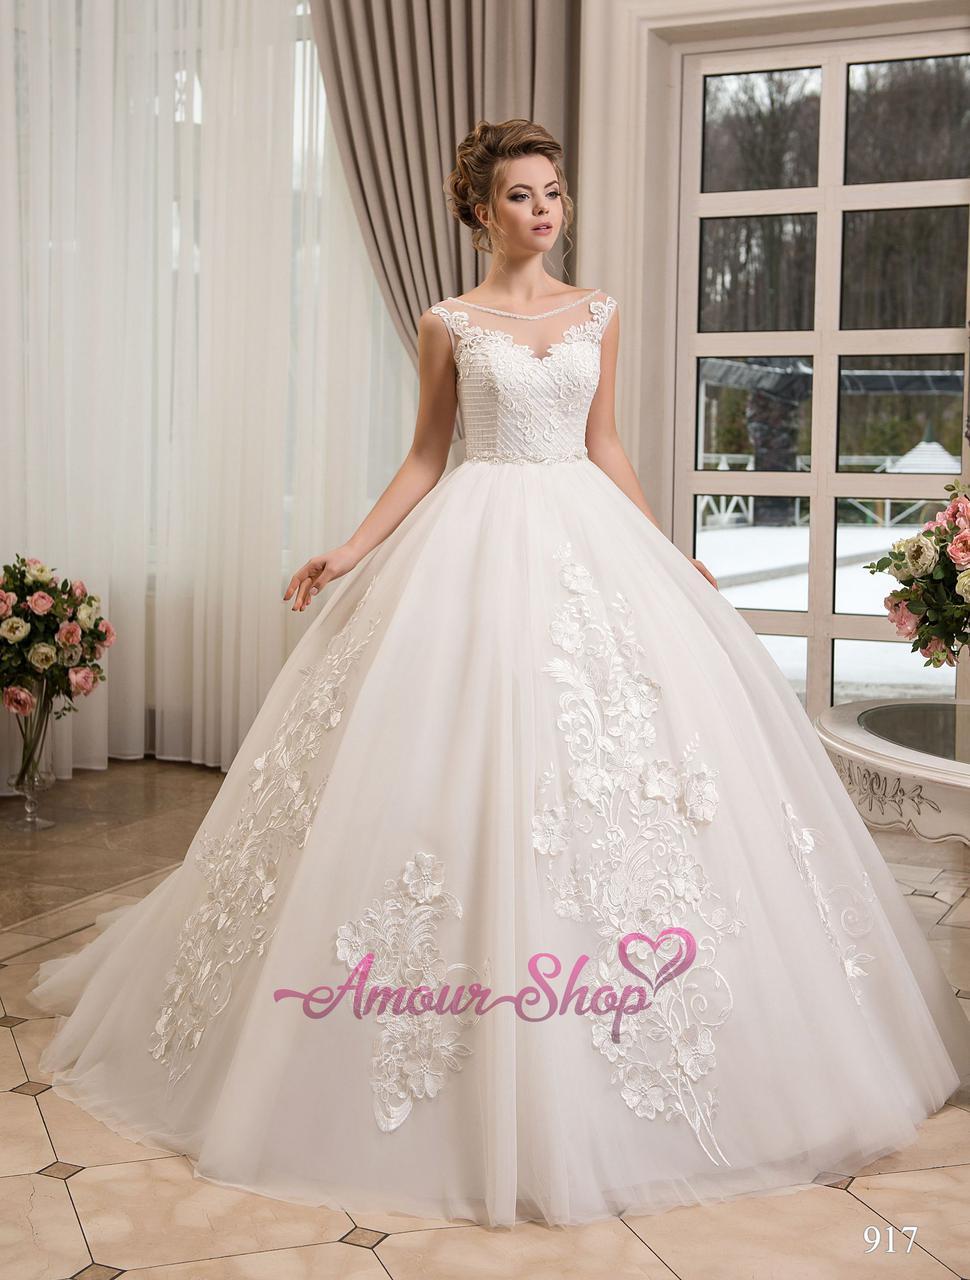 bb2aff5a09a253c Свадебное платье пышное со шлейфом. 917 - Магазин